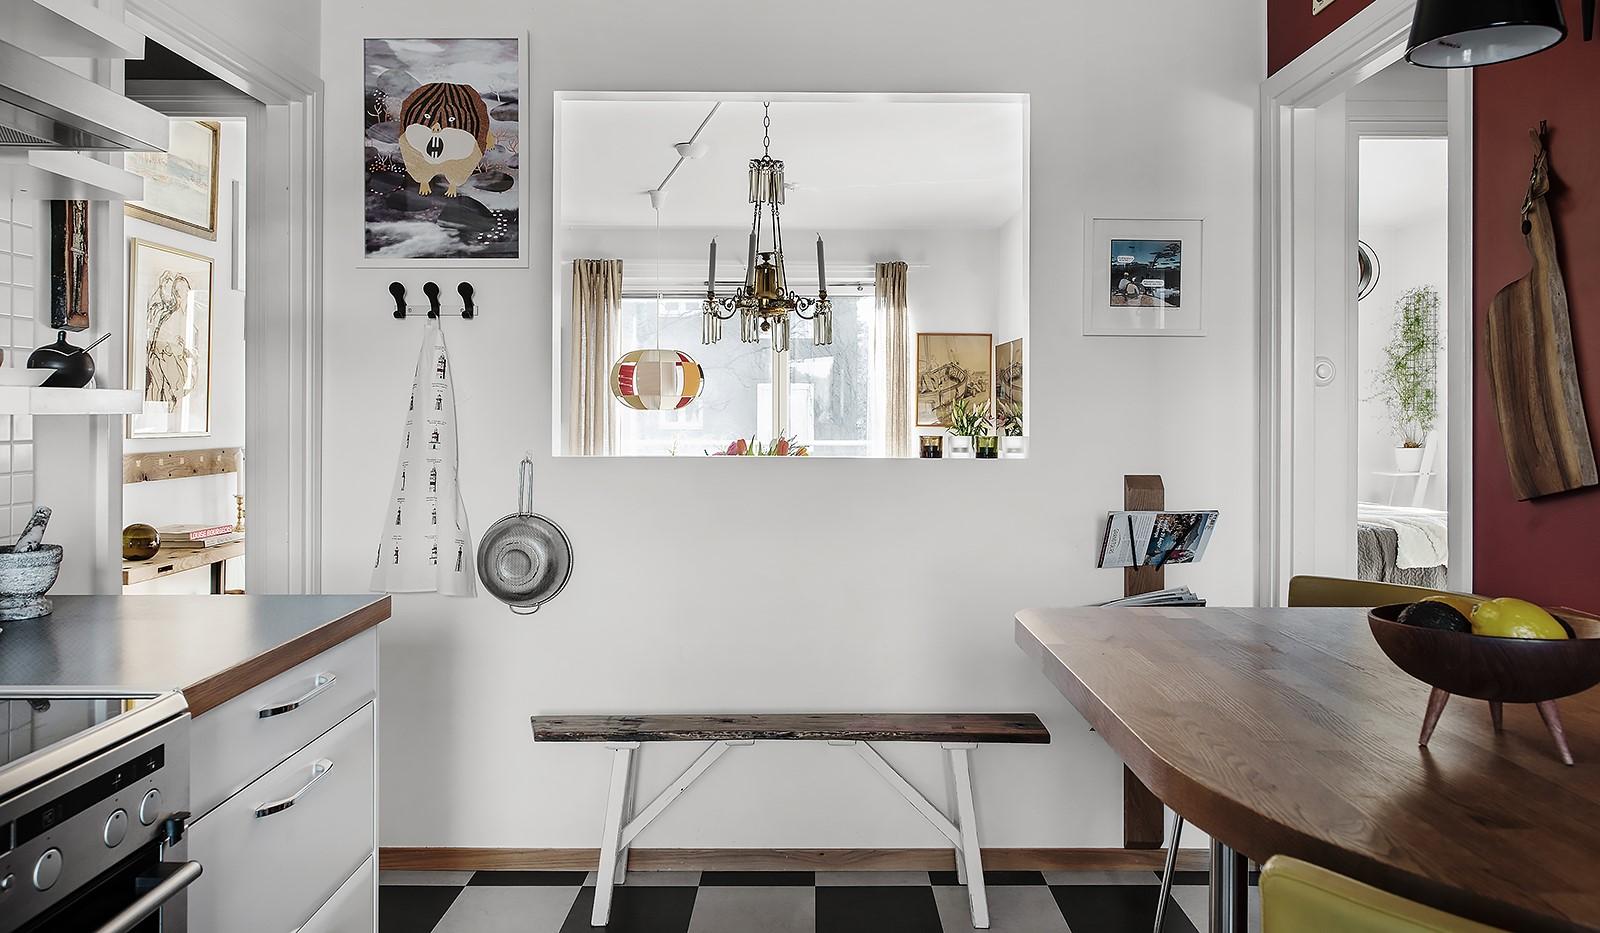 Arkövägen 27 - Arkitektritad öppning till vardagsrum ger genomgående ljusinsläpp